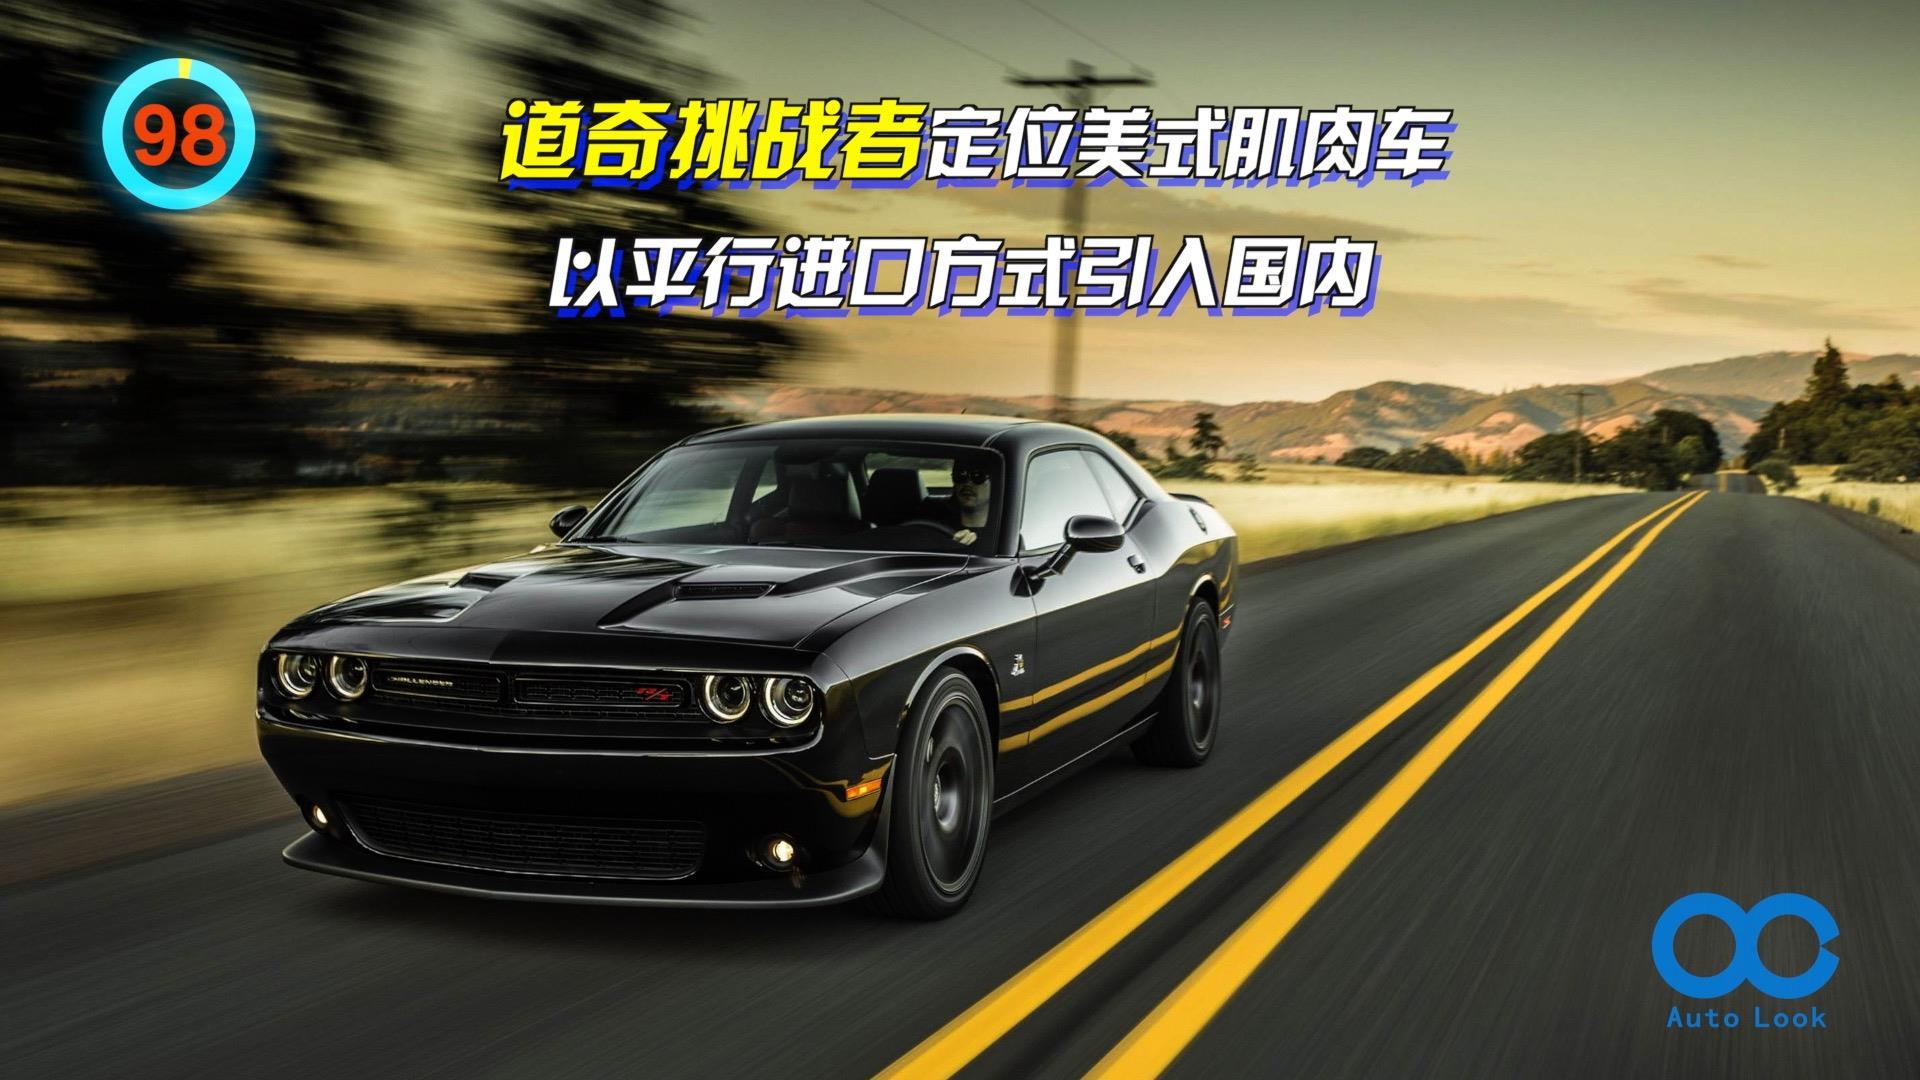 「百秒看车」道奇挑战者 最贵美系肌肉Pony CAR